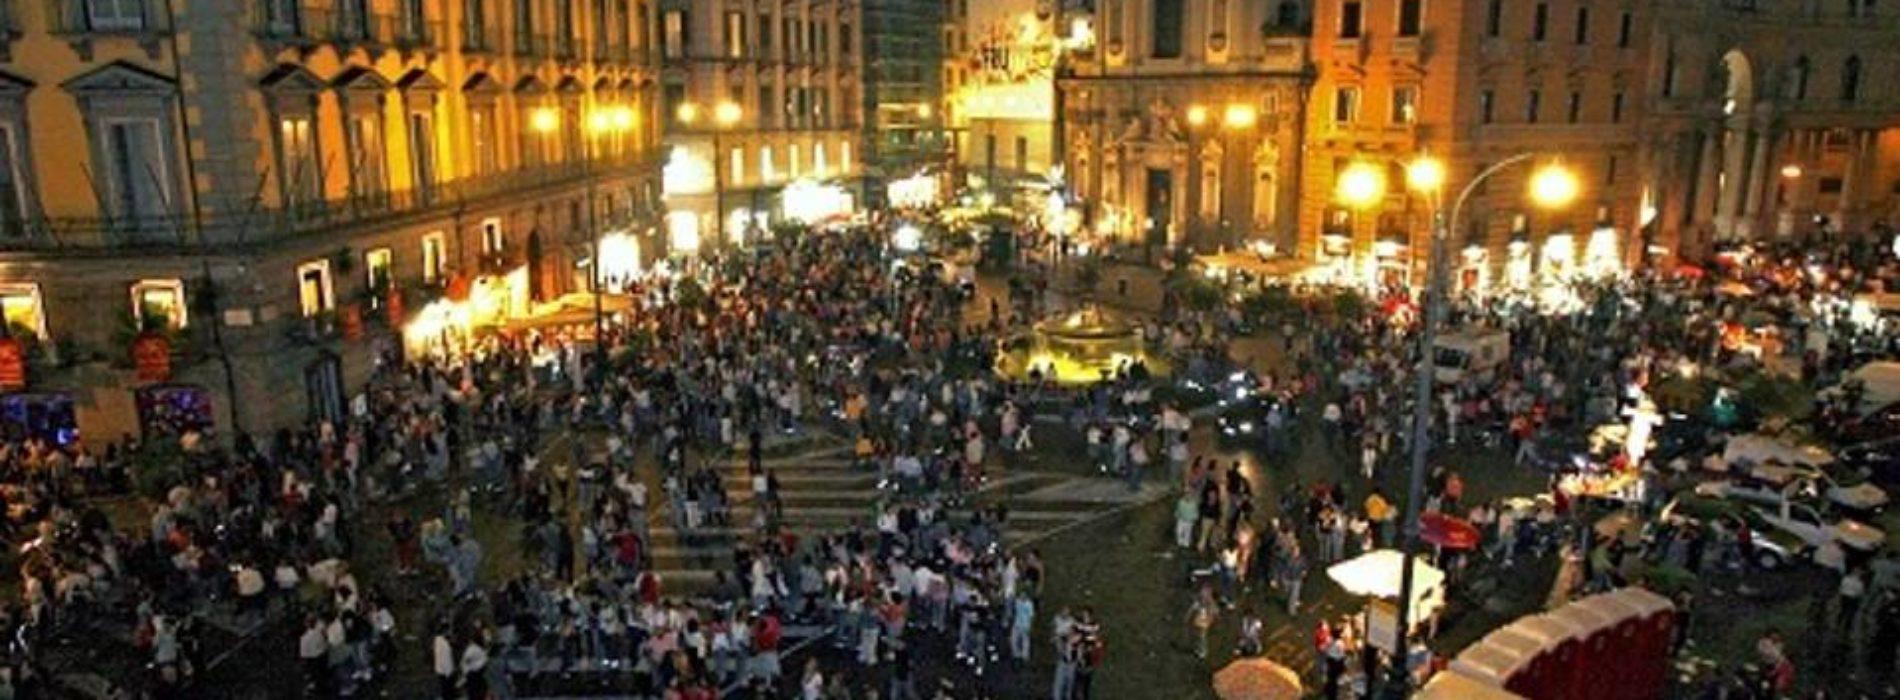 Napoli Notte d'Arte 2016: concerti, visite e negozi aperti fino a tardi nel centro storico